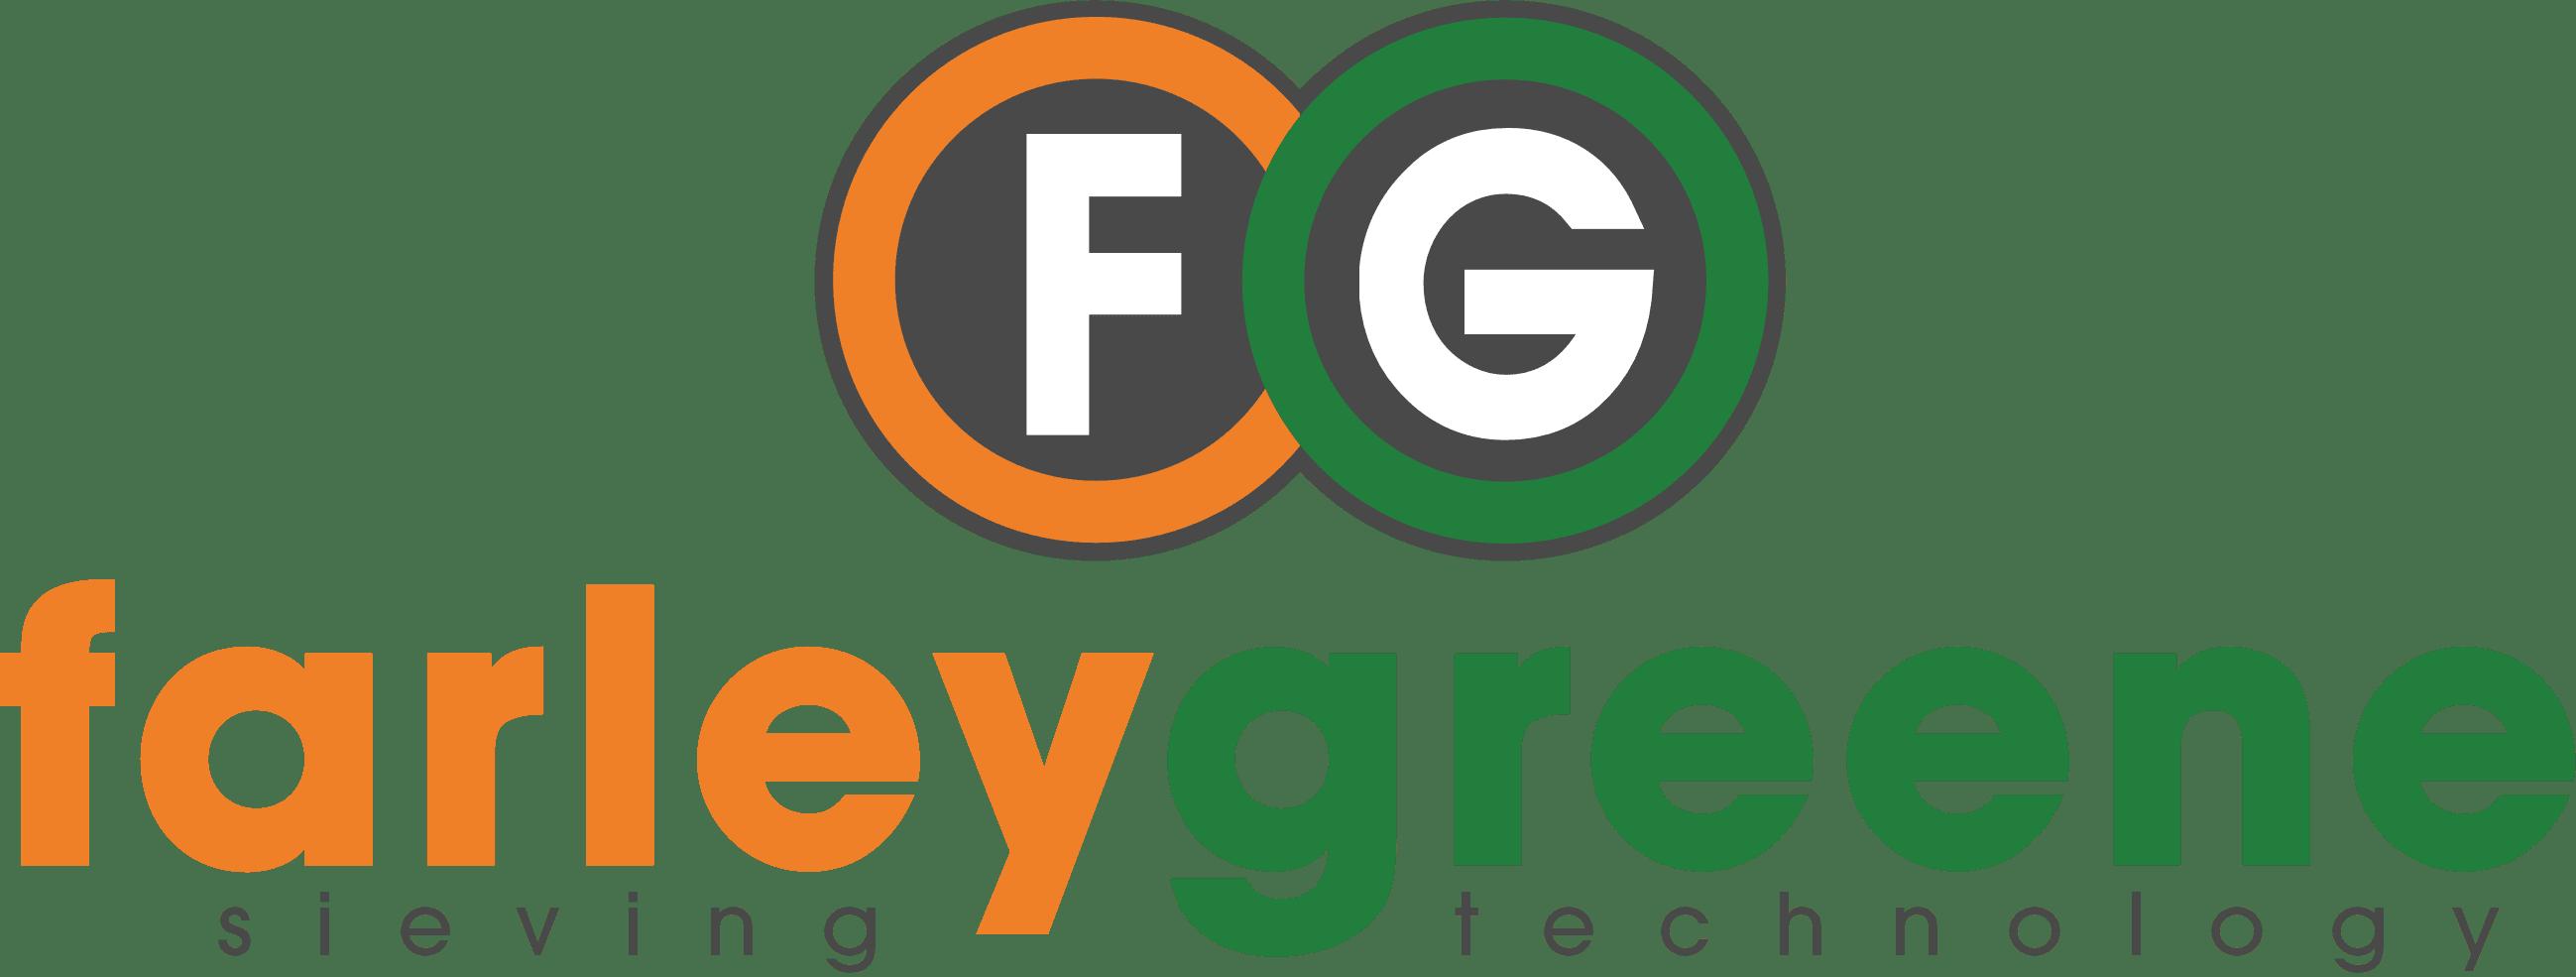 FG full logo - PNG